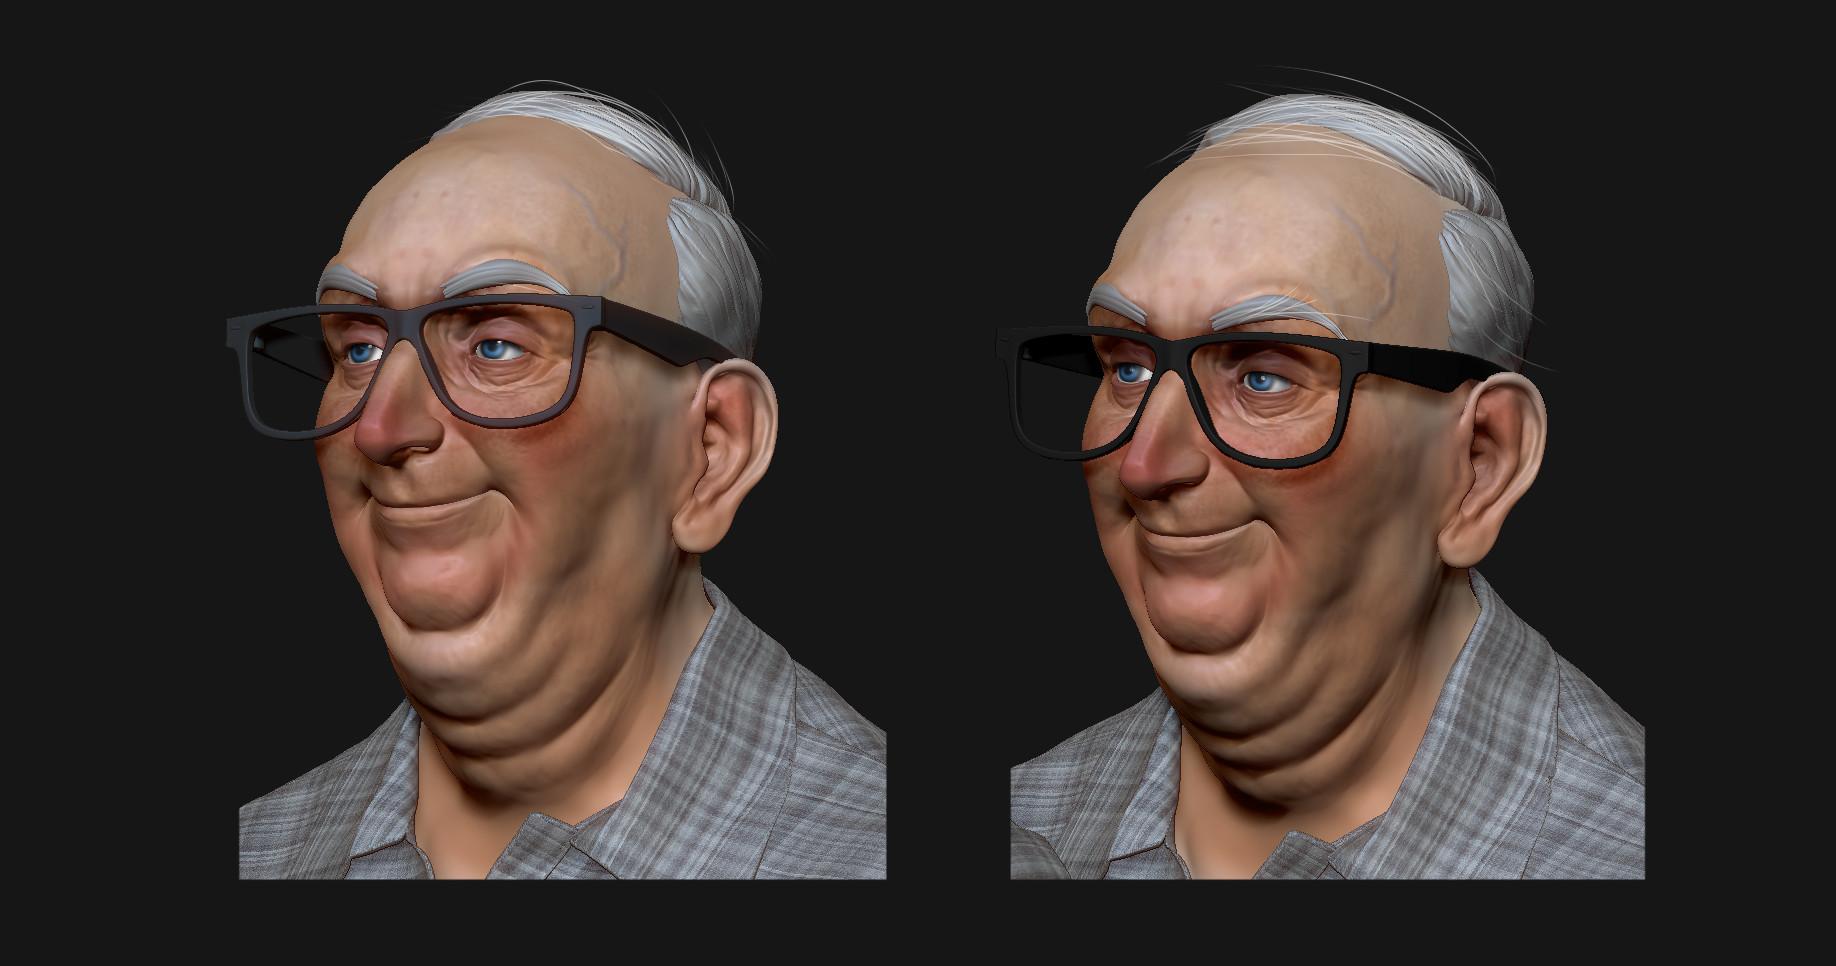 Pierre benjamin test